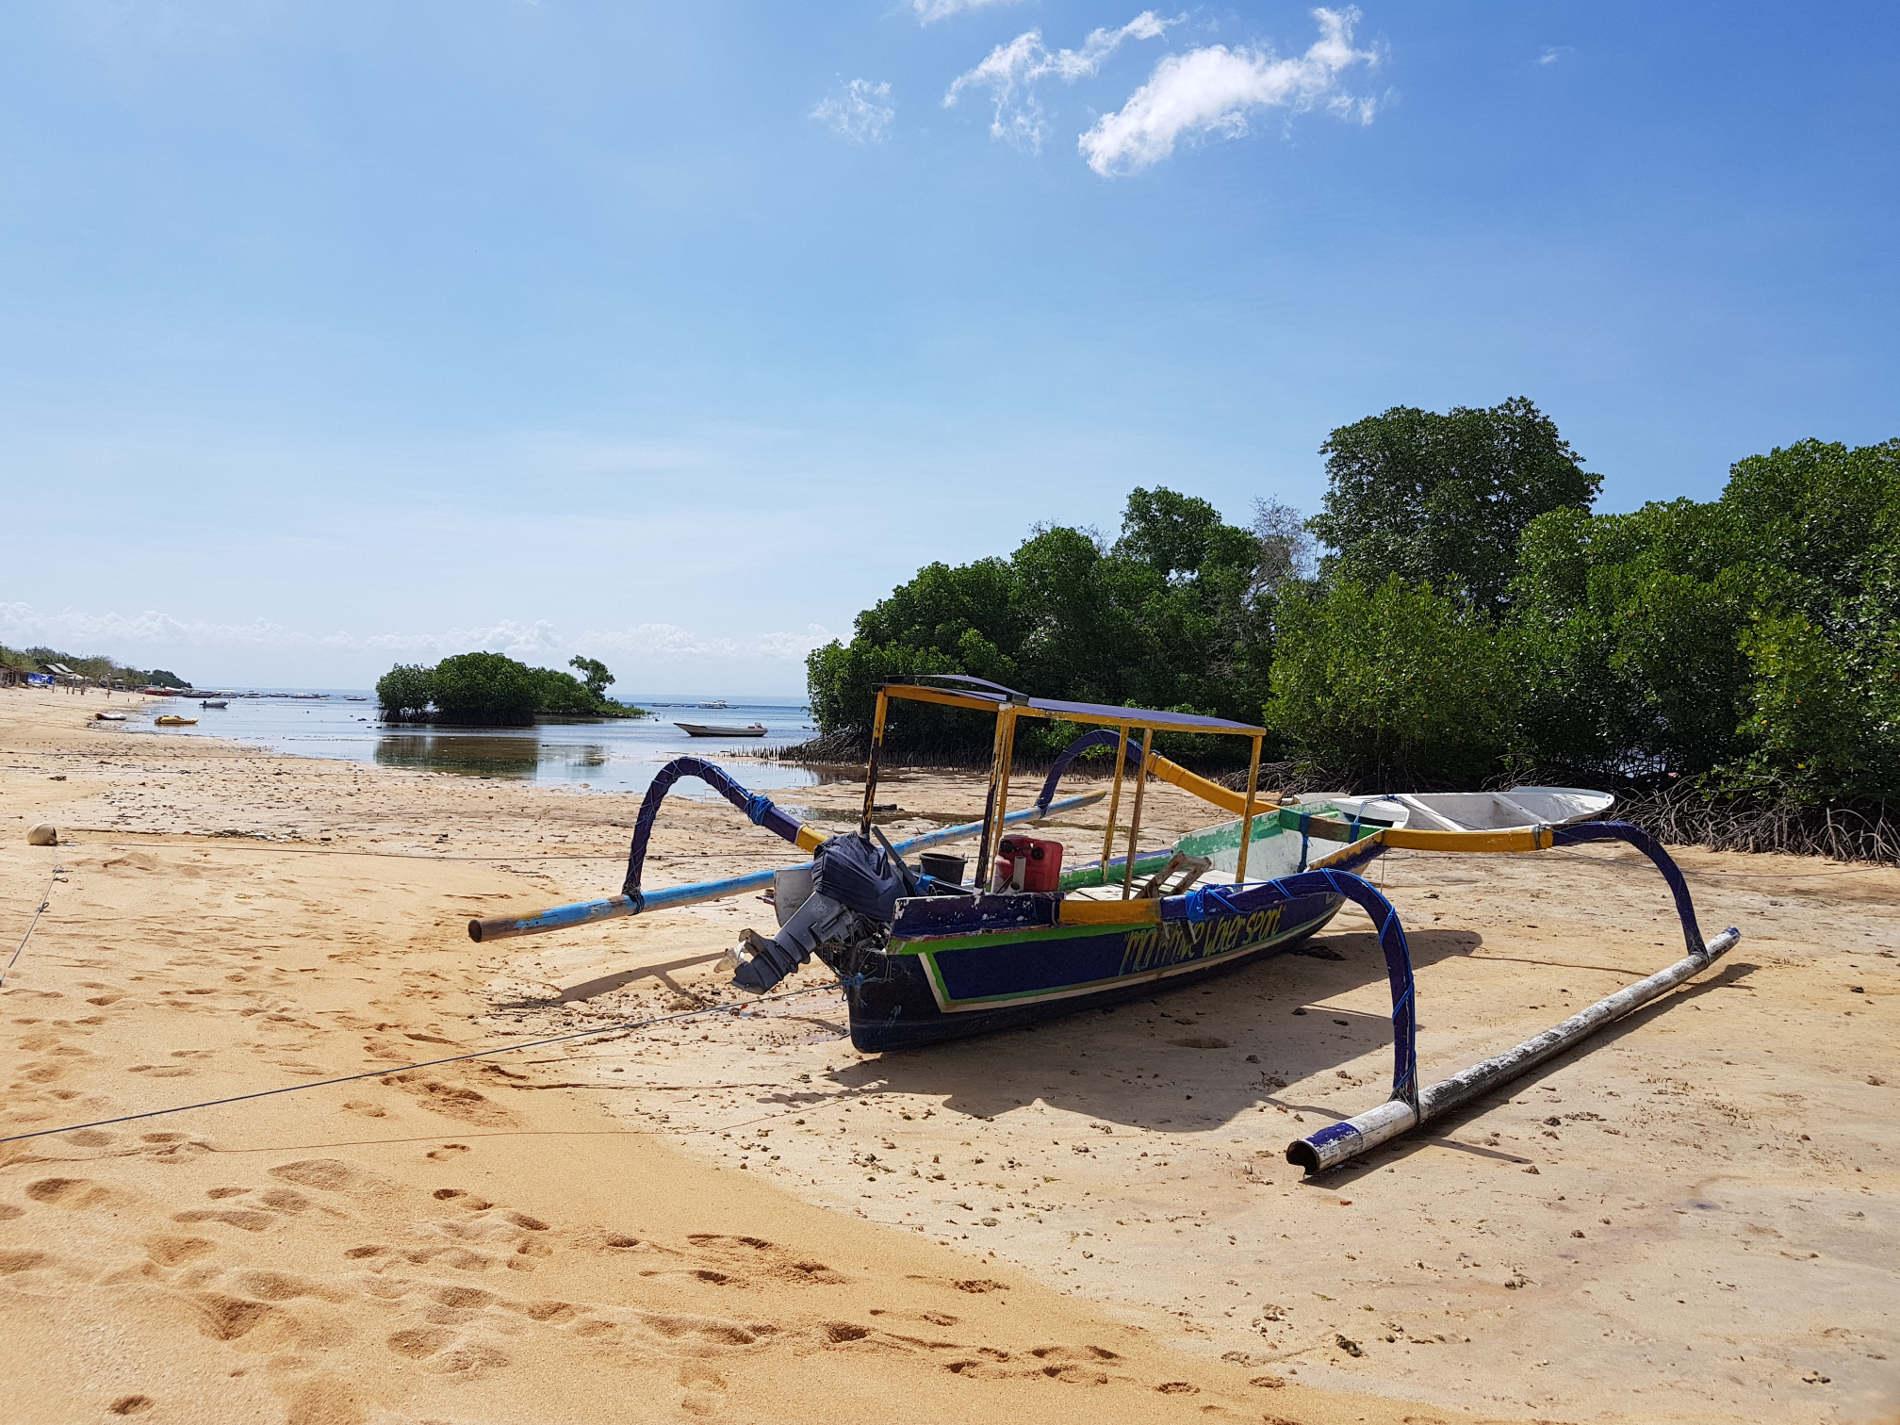 spunti di viaggio: barche sulla spiaggia di Mangrove Point. Perchè andare a Nusa Lembongan e cosa vedere